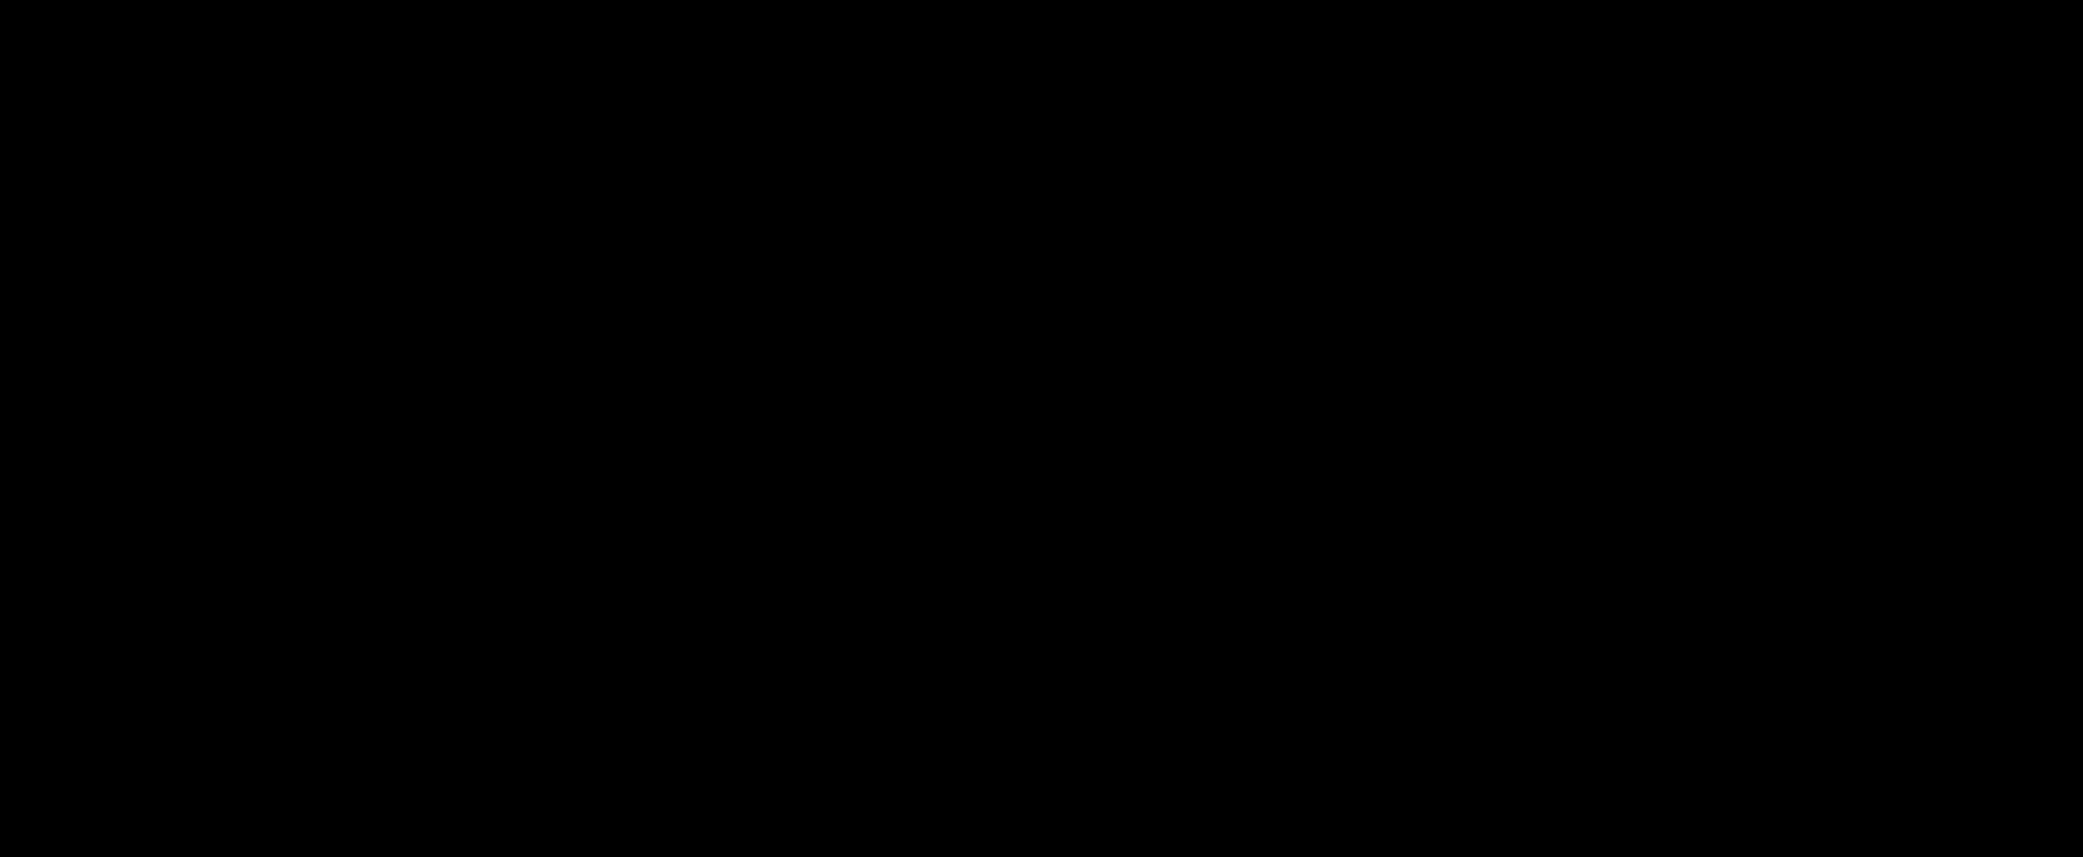 HD Marvel Logo 2.